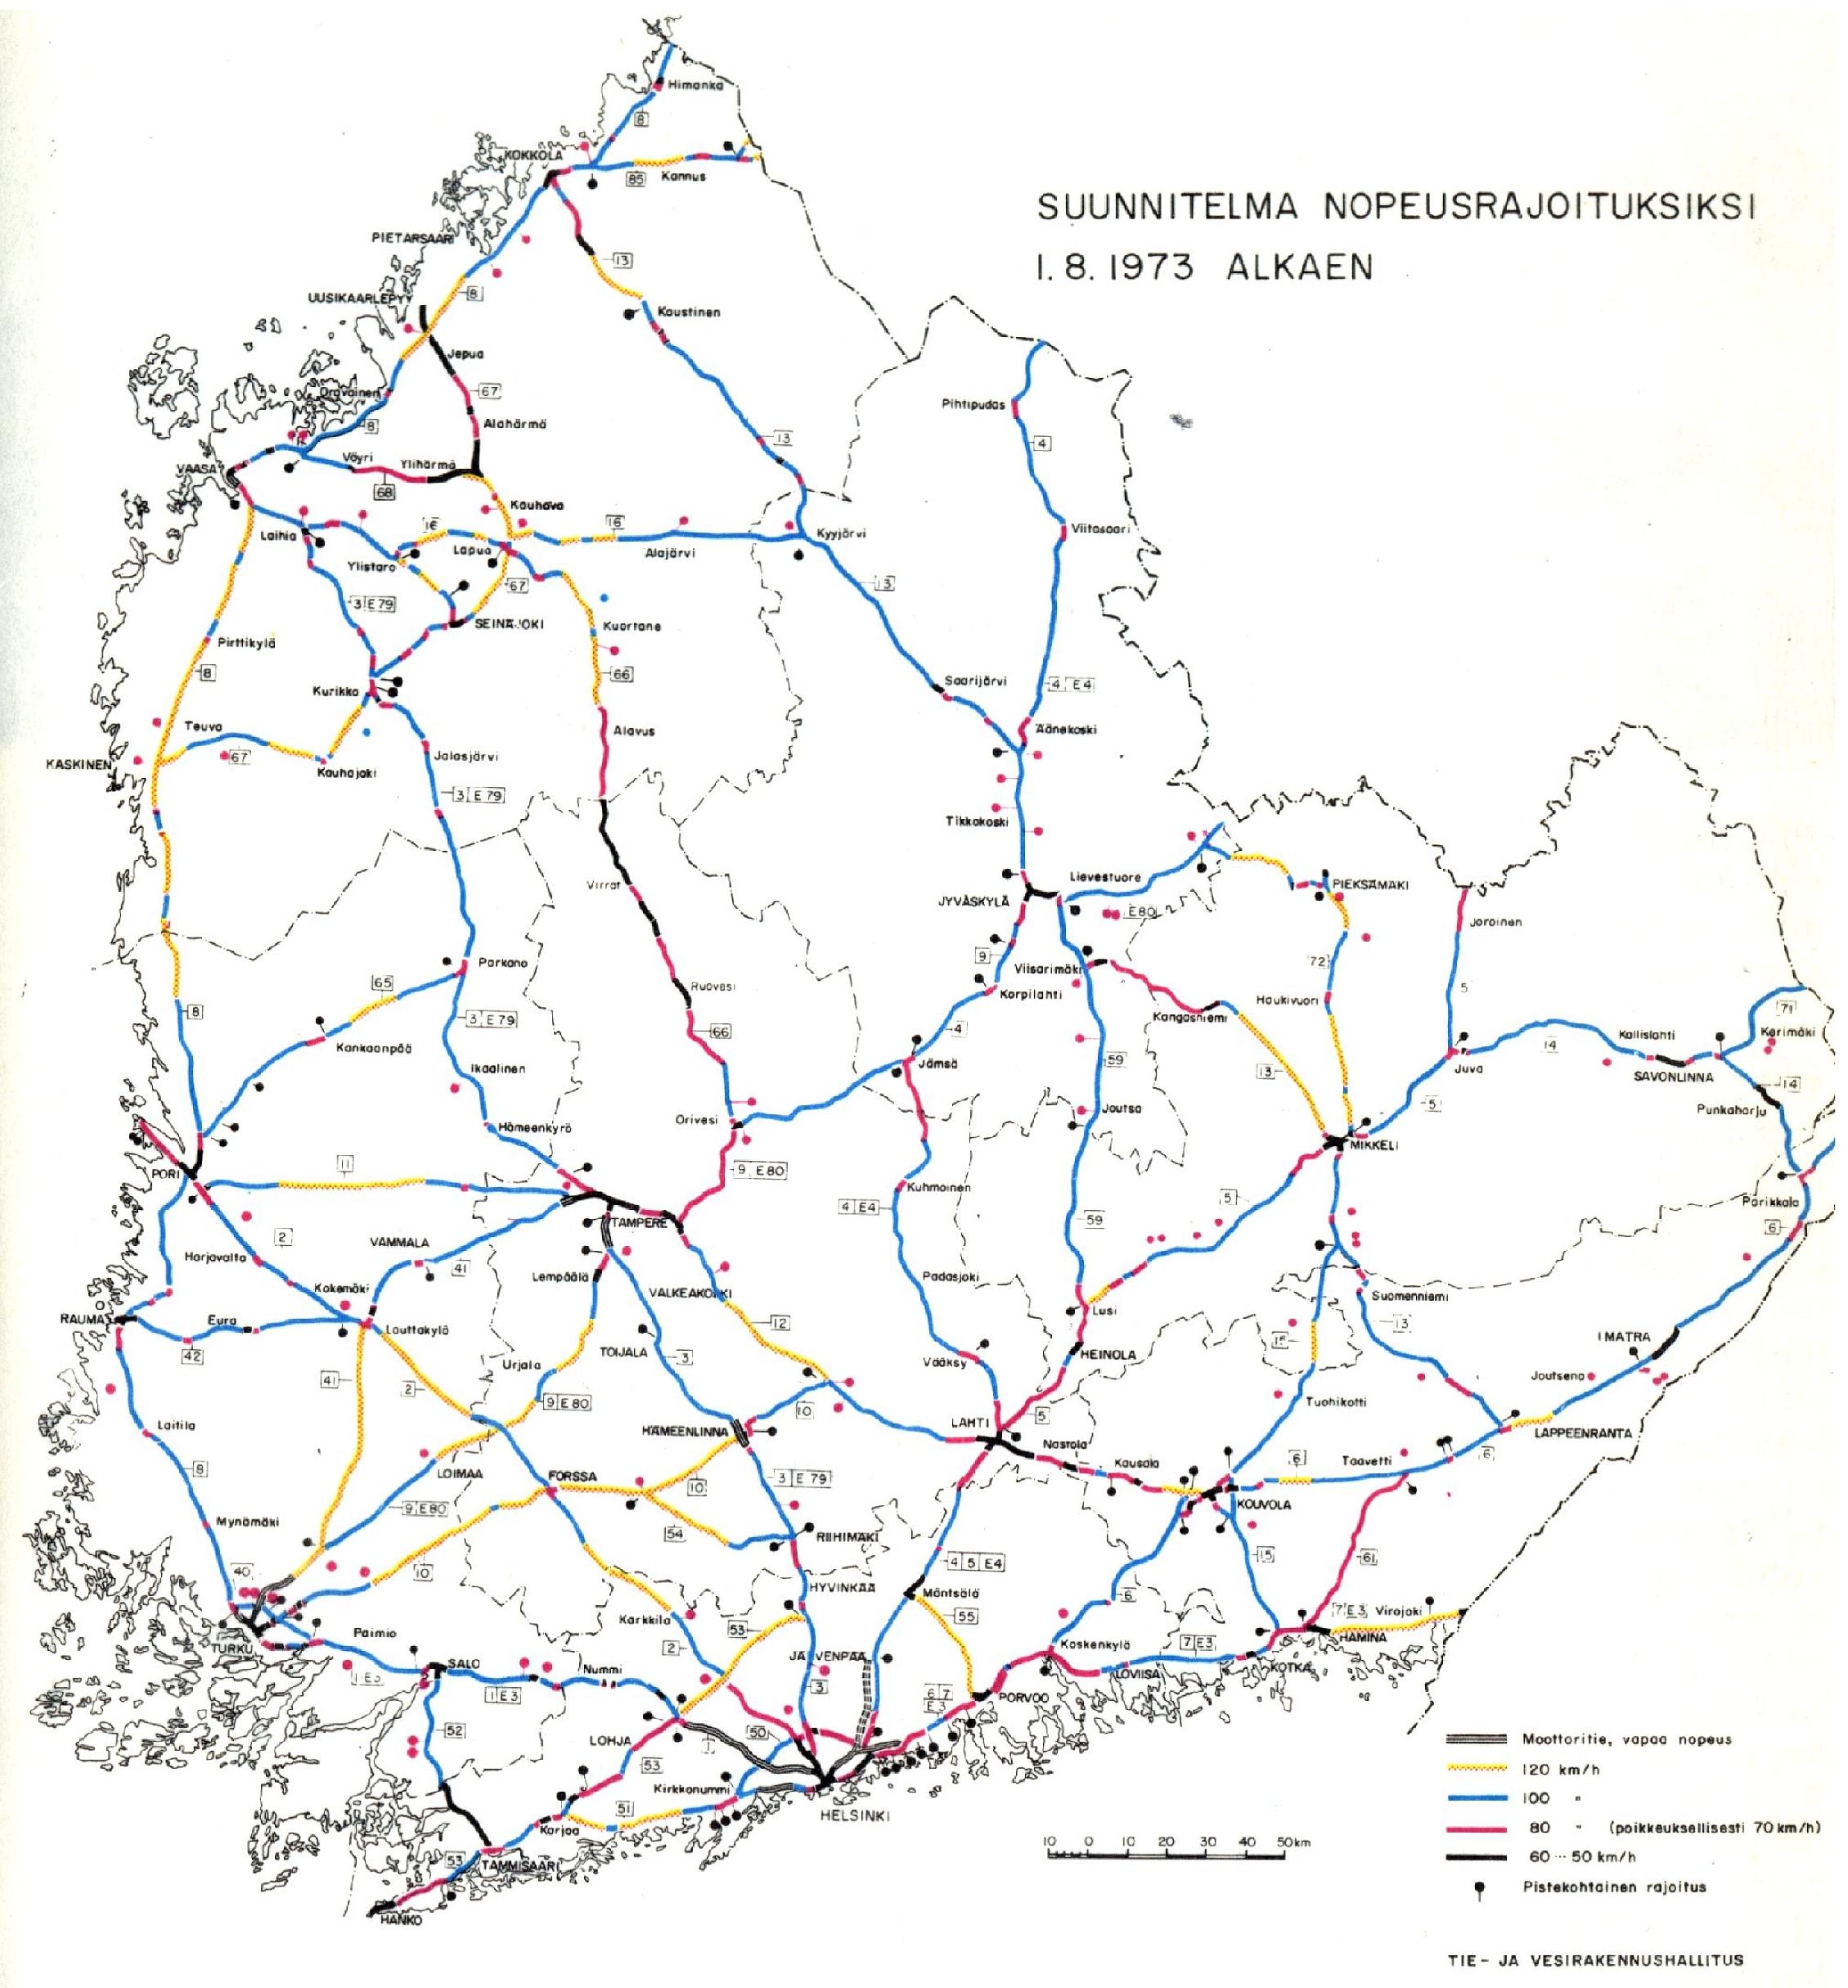 Suunnitelma Nopeusrajoituksiksi 1 8 1973 Alkaen Suomi